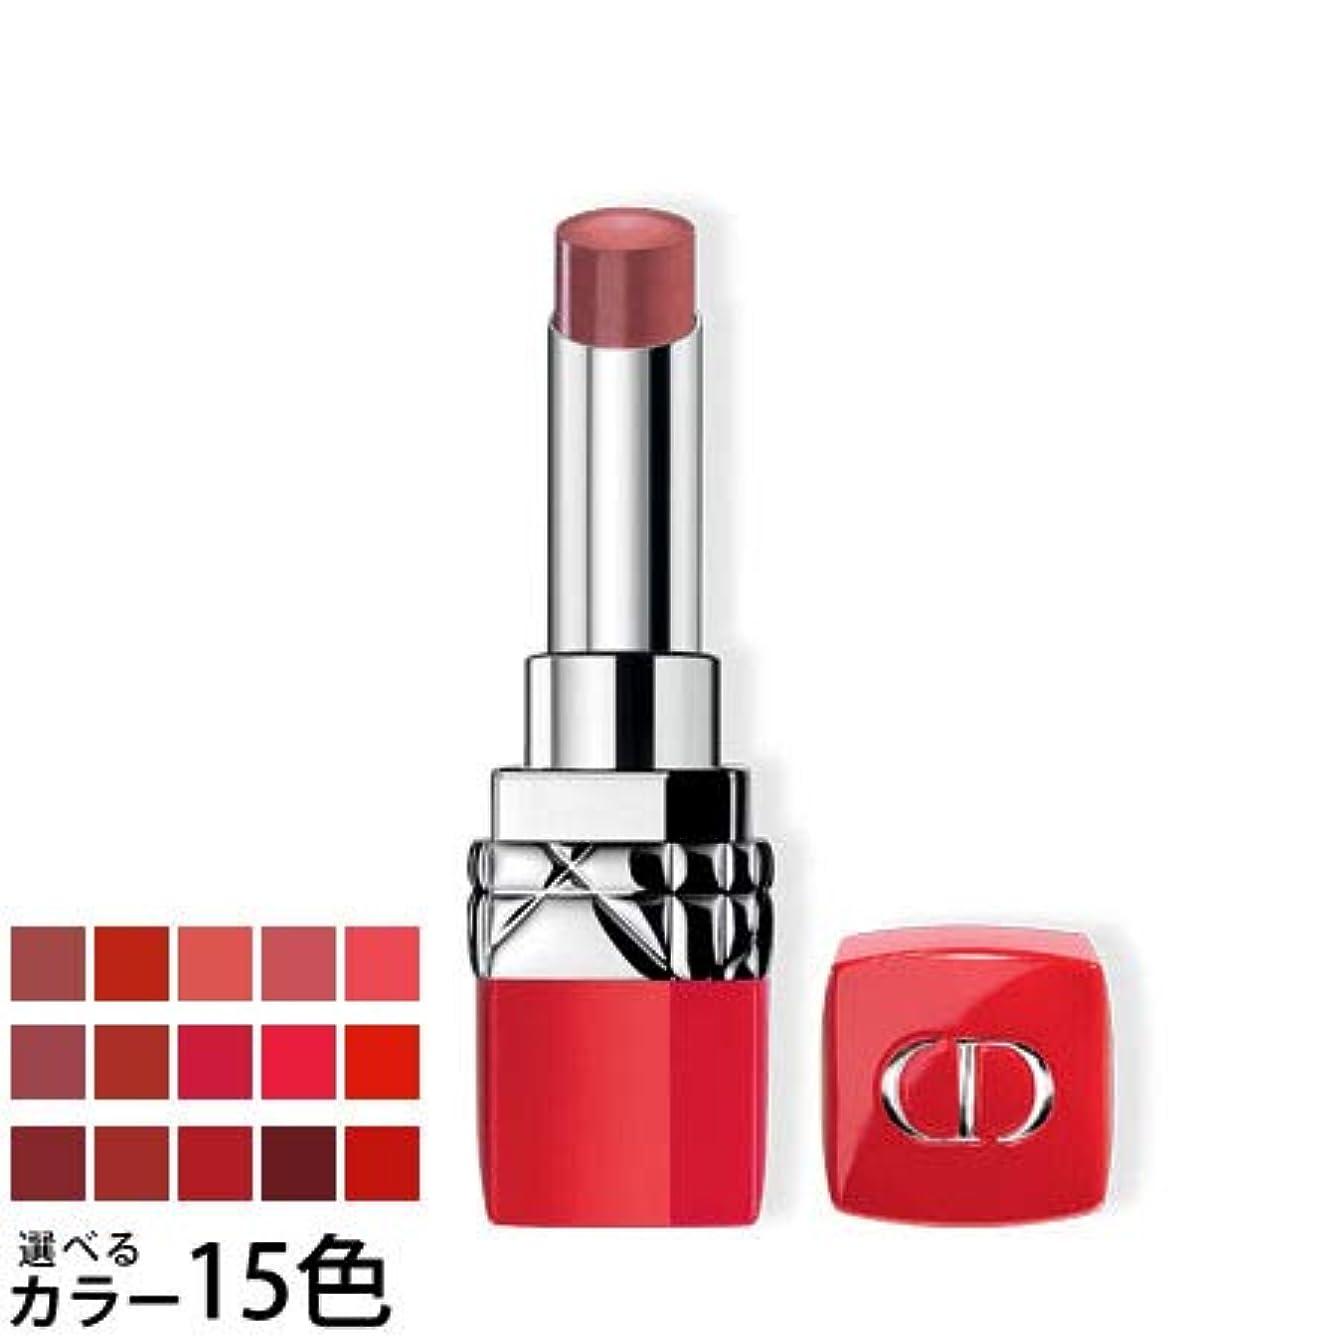 上陸密果てしないディオール ルージュ ディオール ウルトラ ルージュ 選べる15色 -Dior- 777